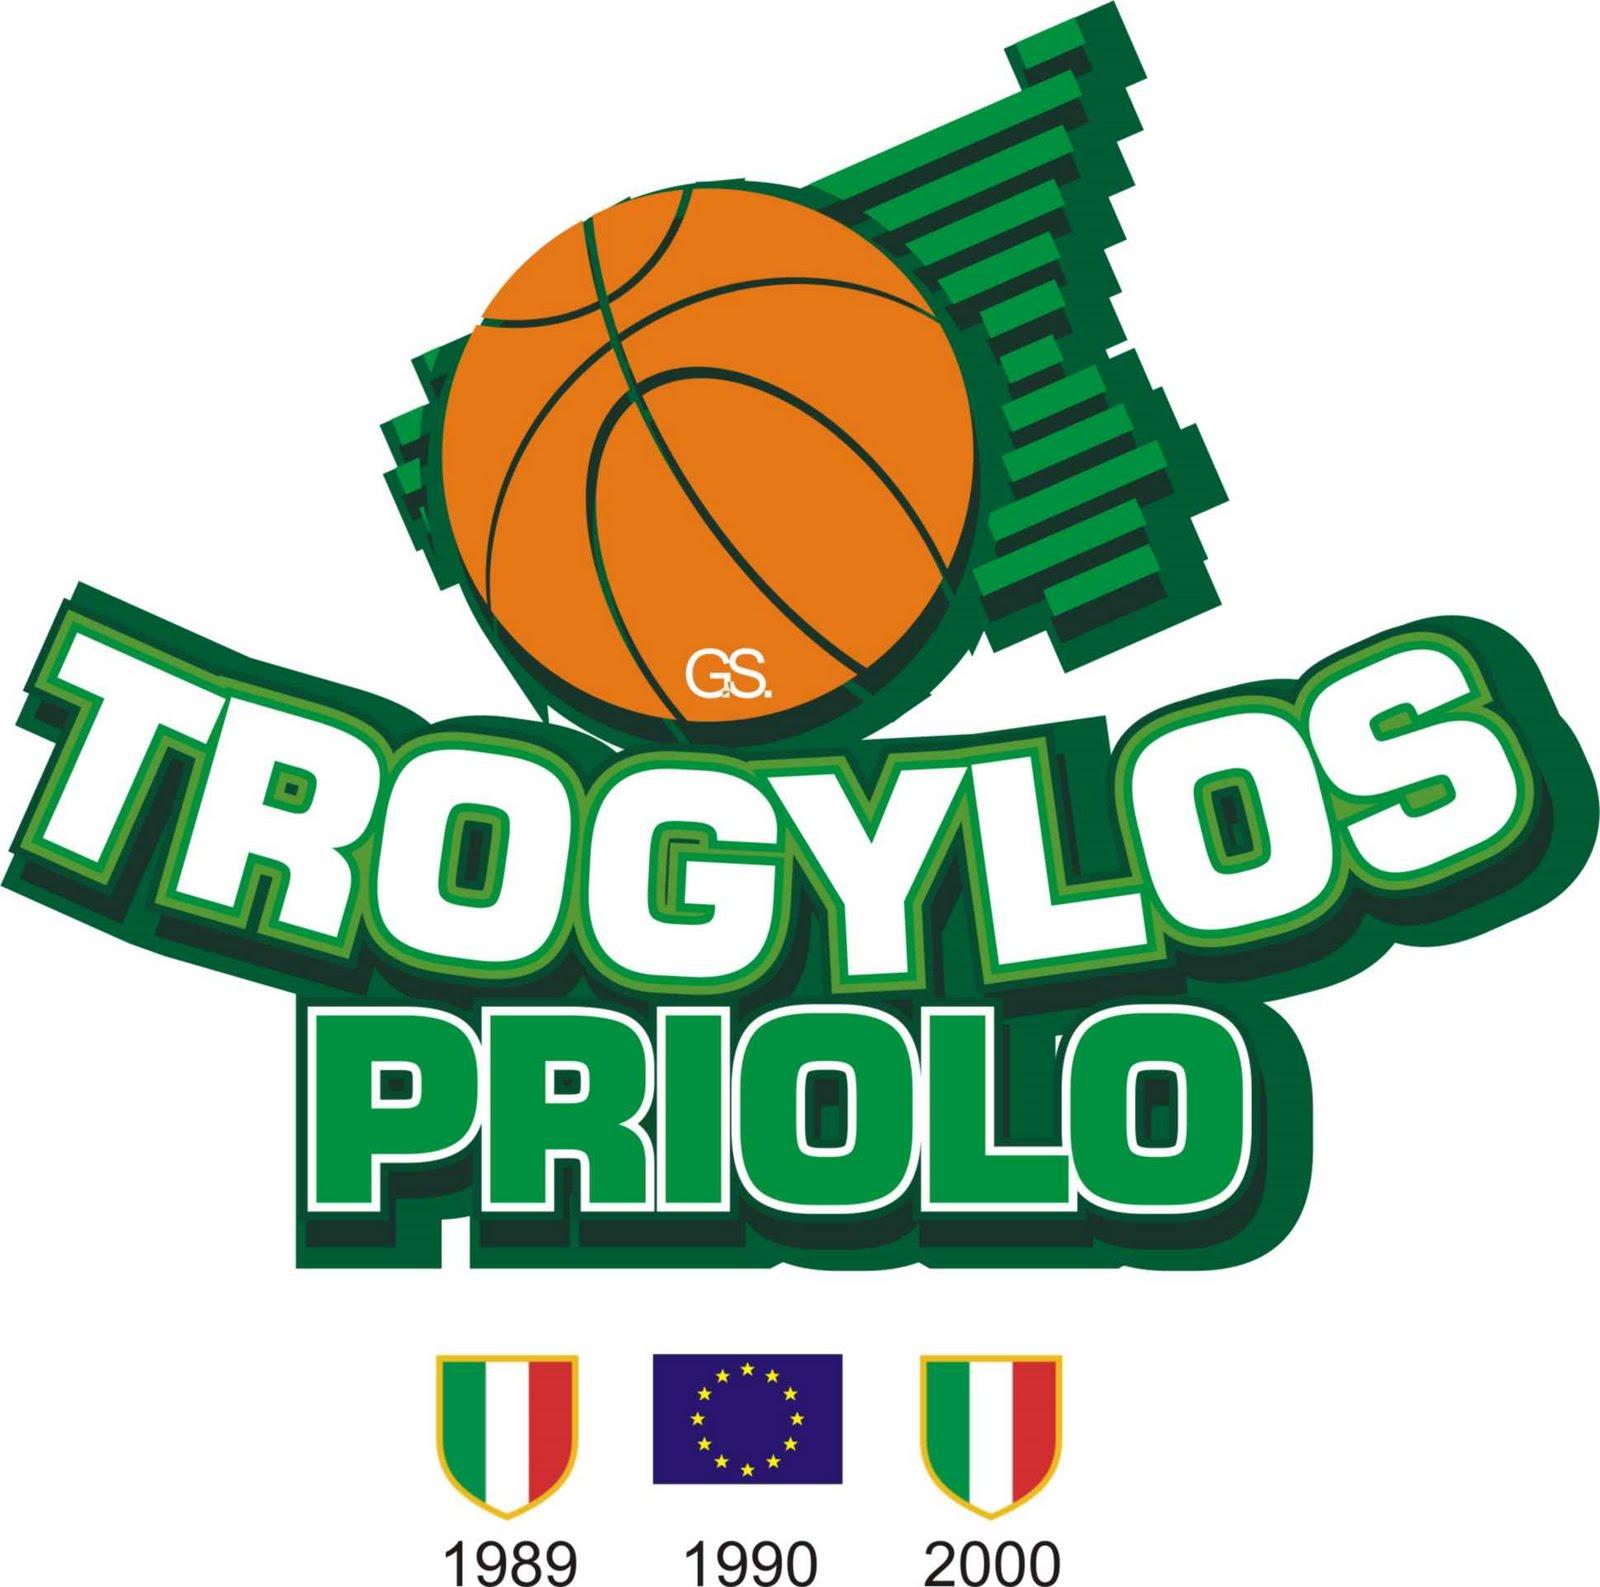 Logo priolo2 basketuniverso for Priolo arredamenti torino